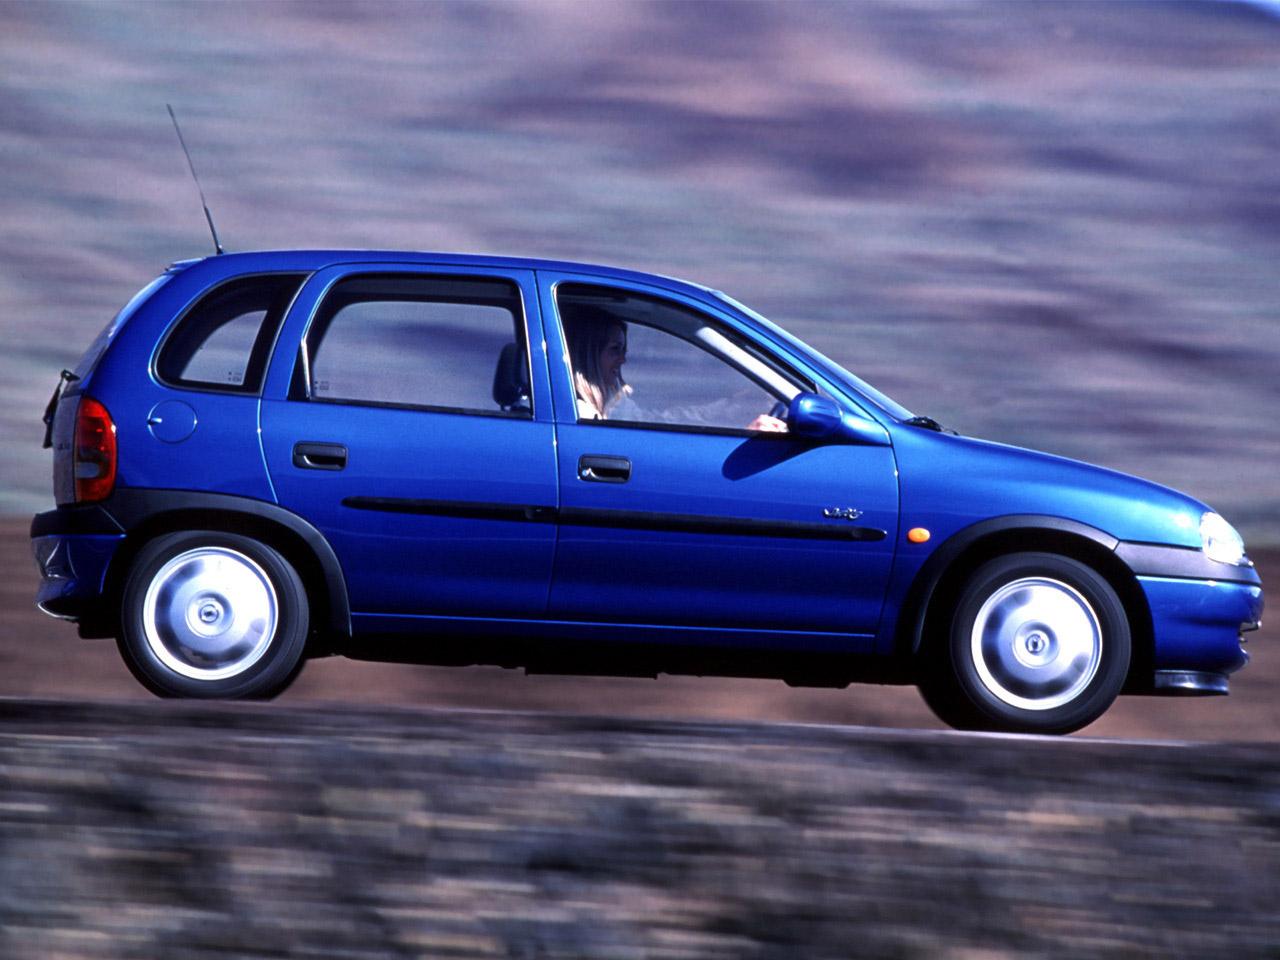 opel corsa b 5 door 1993 2000 opel corsa b 5 door 1993 2000 photo 01 car in pictures car. Black Bedroom Furniture Sets. Home Design Ideas